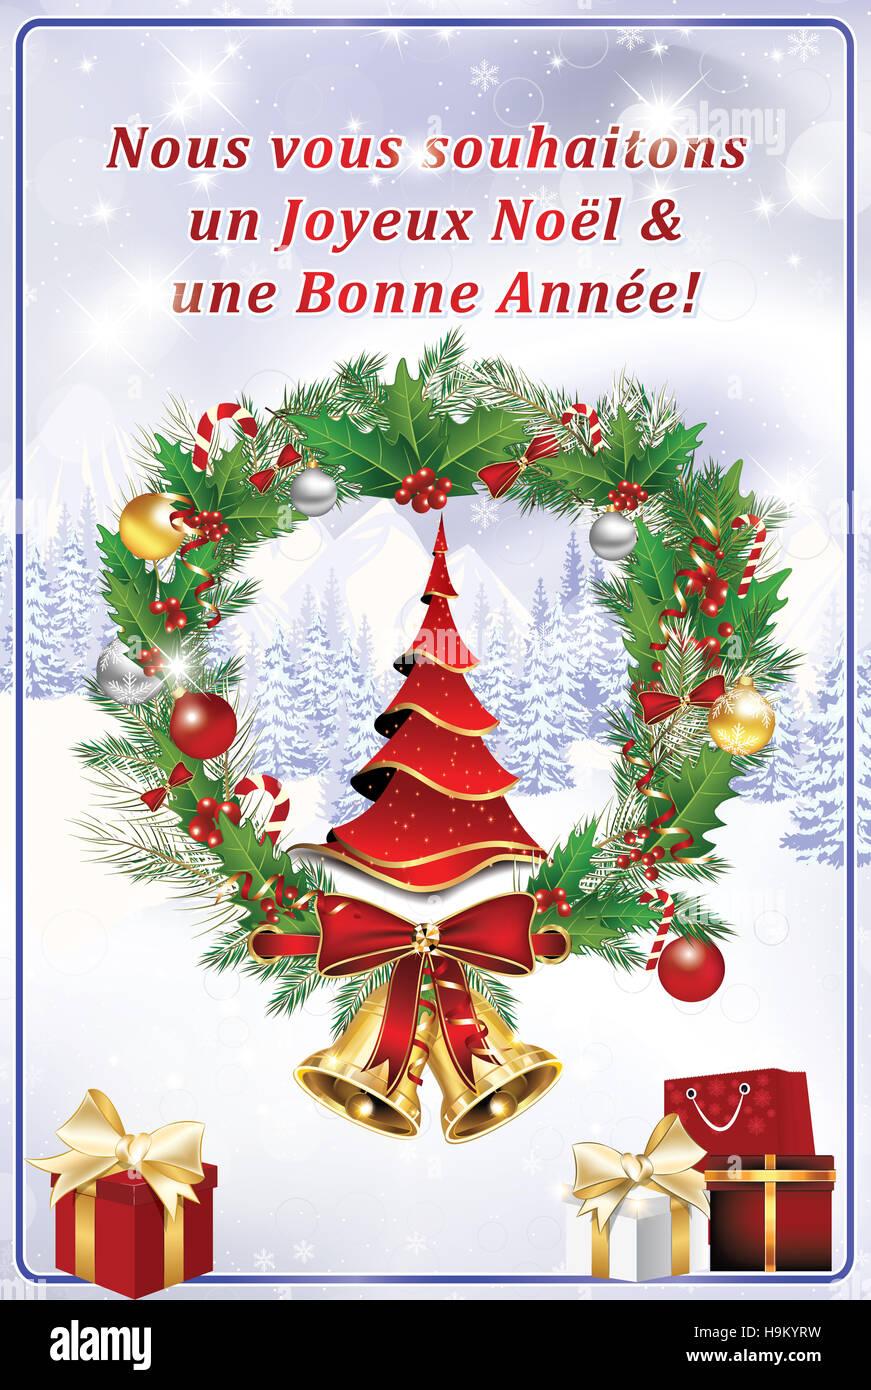 Carte de Voeux pour le Nouvel ein: Nous Vous Souhaitons un ...